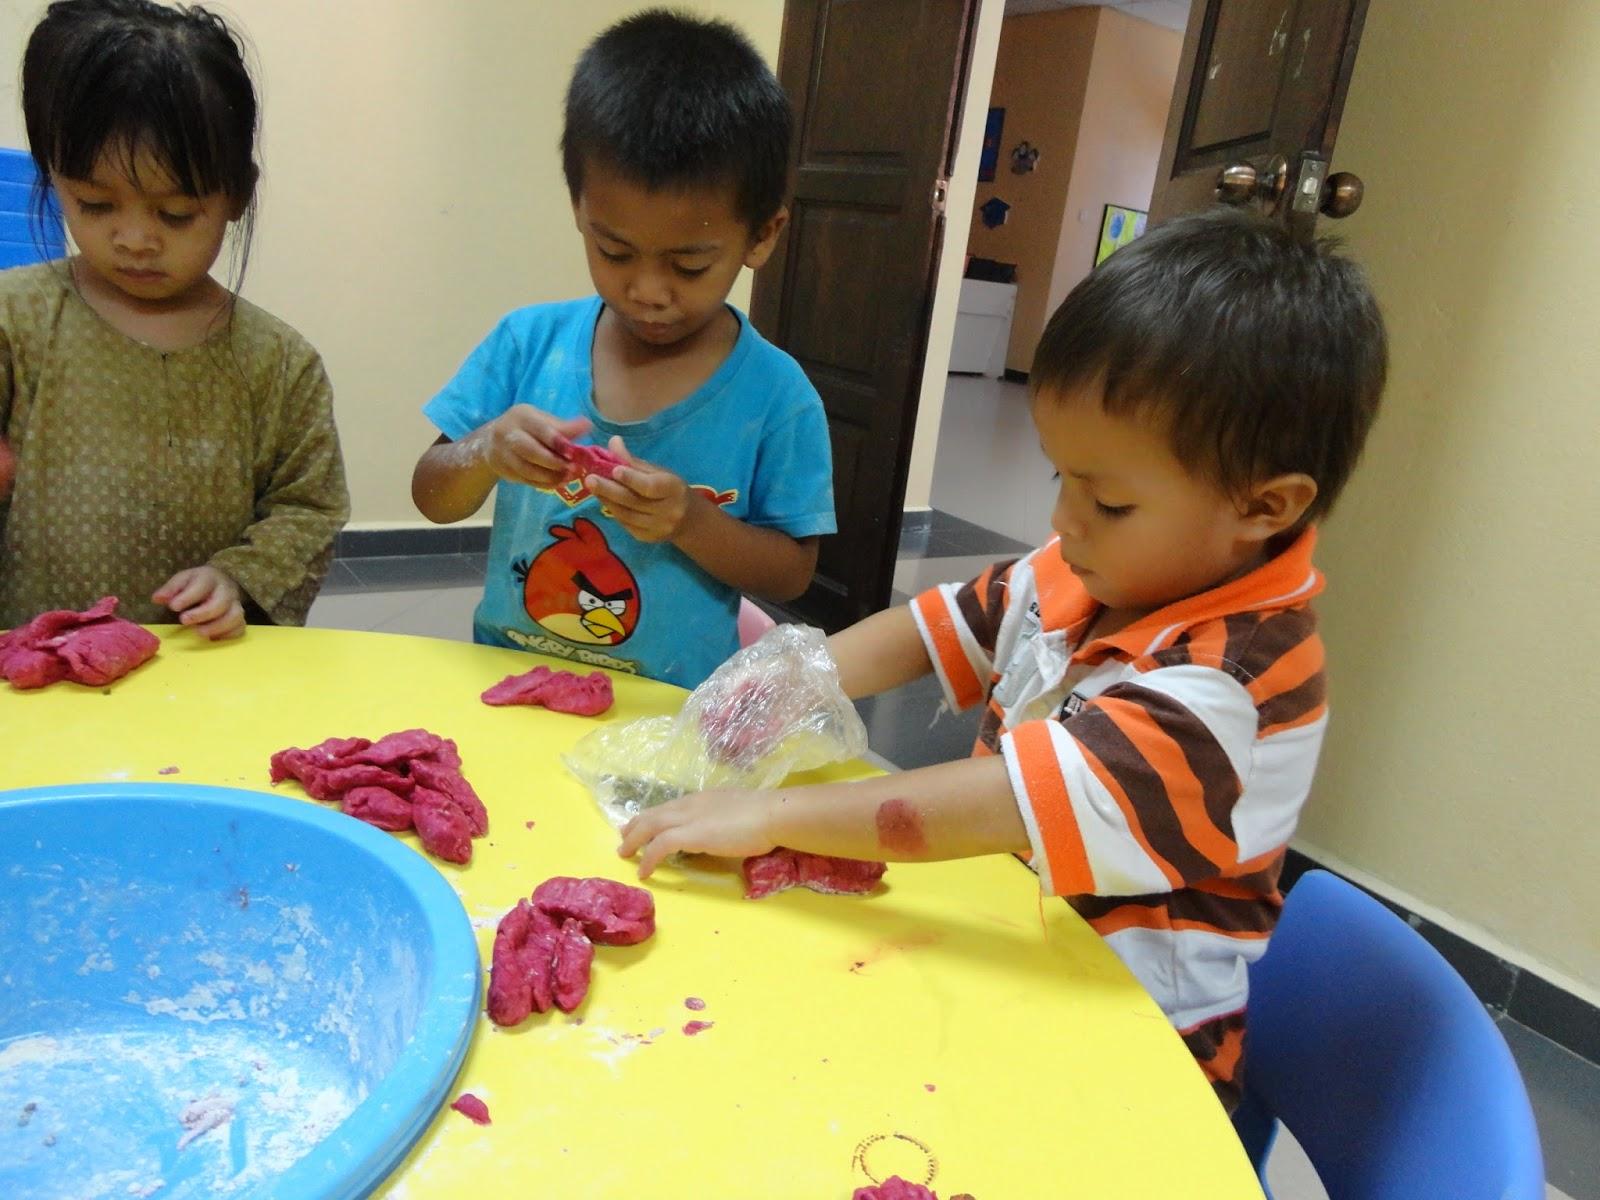 Sheraton Vistana Resort Floor Plans Kanak Kanak Pertengahan Dan Akhir Pusat Anak Permata